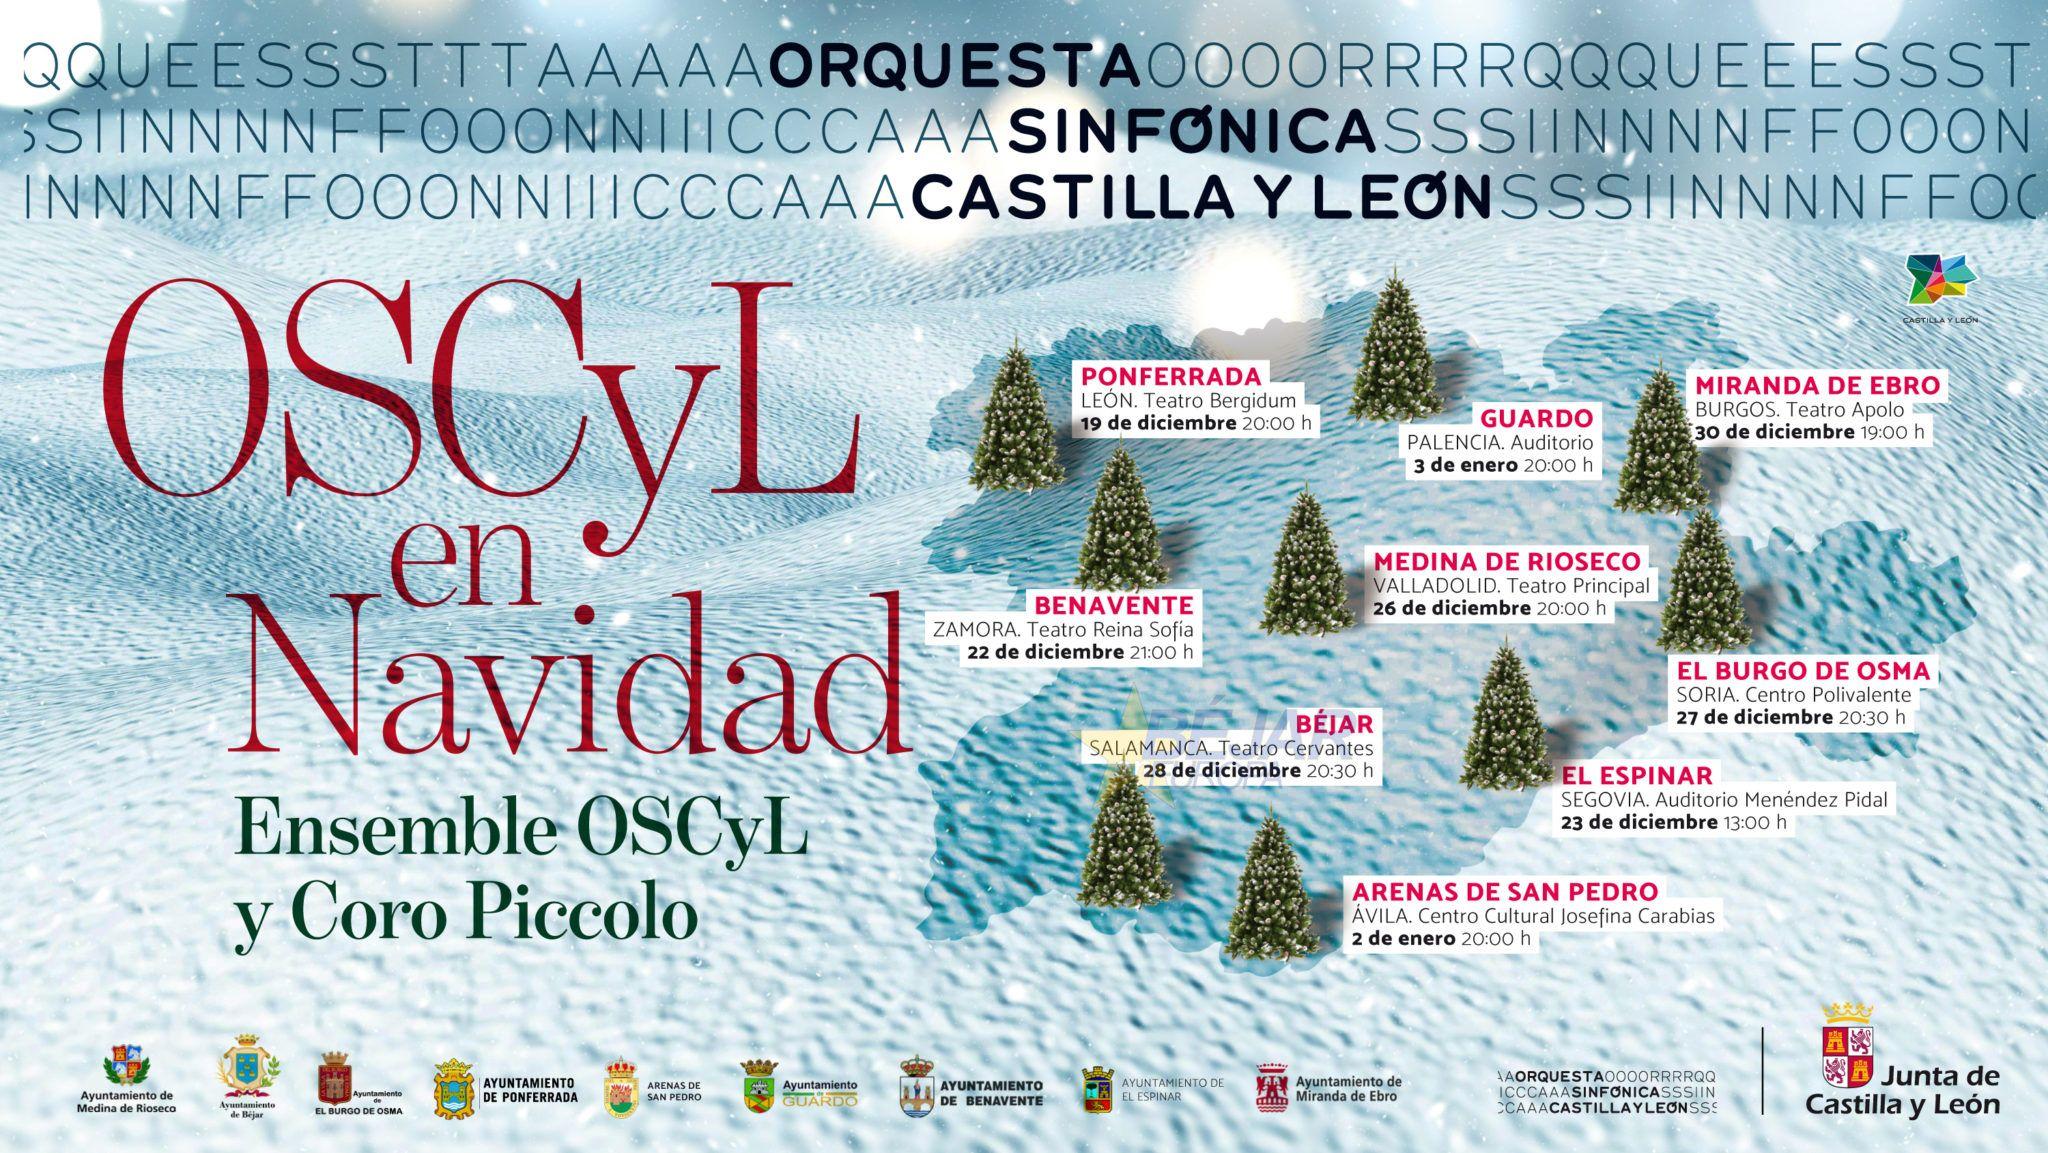 La gira 'Oscyl en Navidad' sigue su periplo por la comunidad con un concierto en Béjar